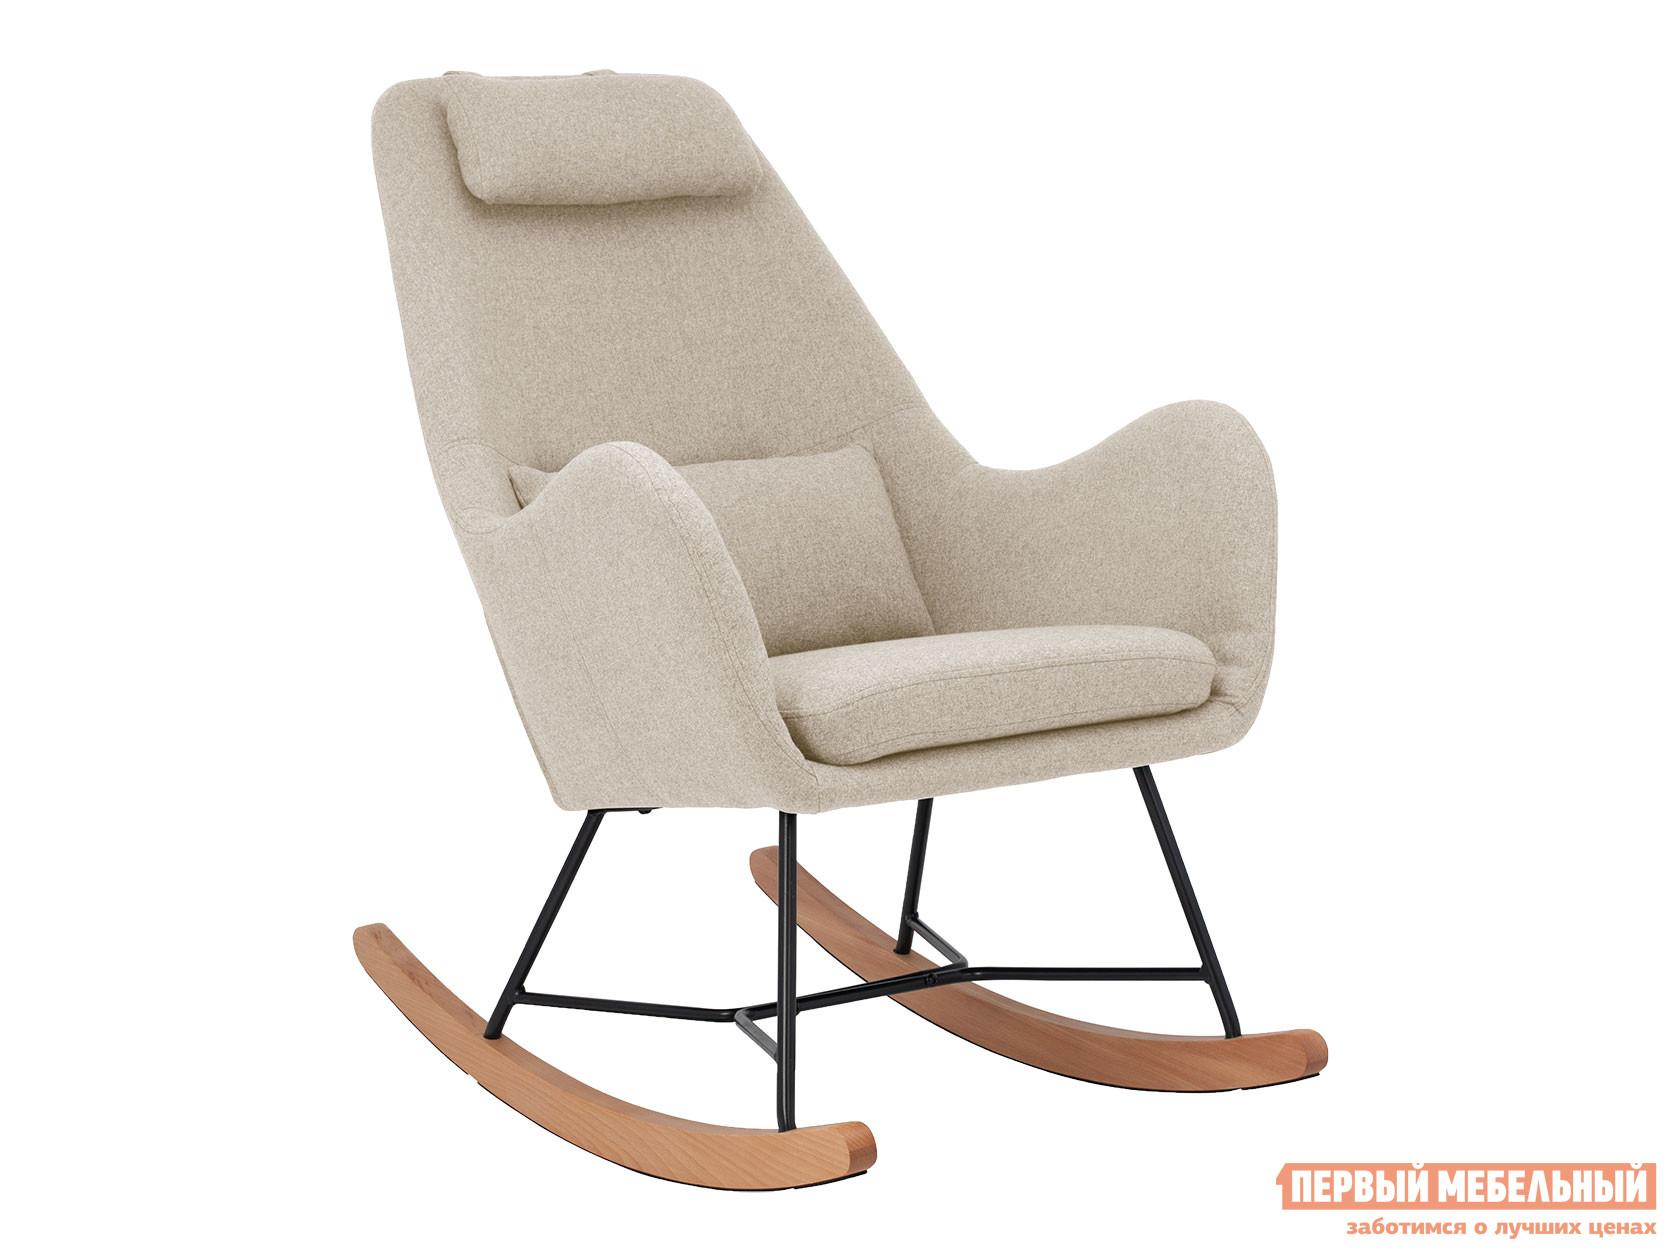 Кресло-качалка Мебель Импэкс Кресло-качалка LESET DUGLAS